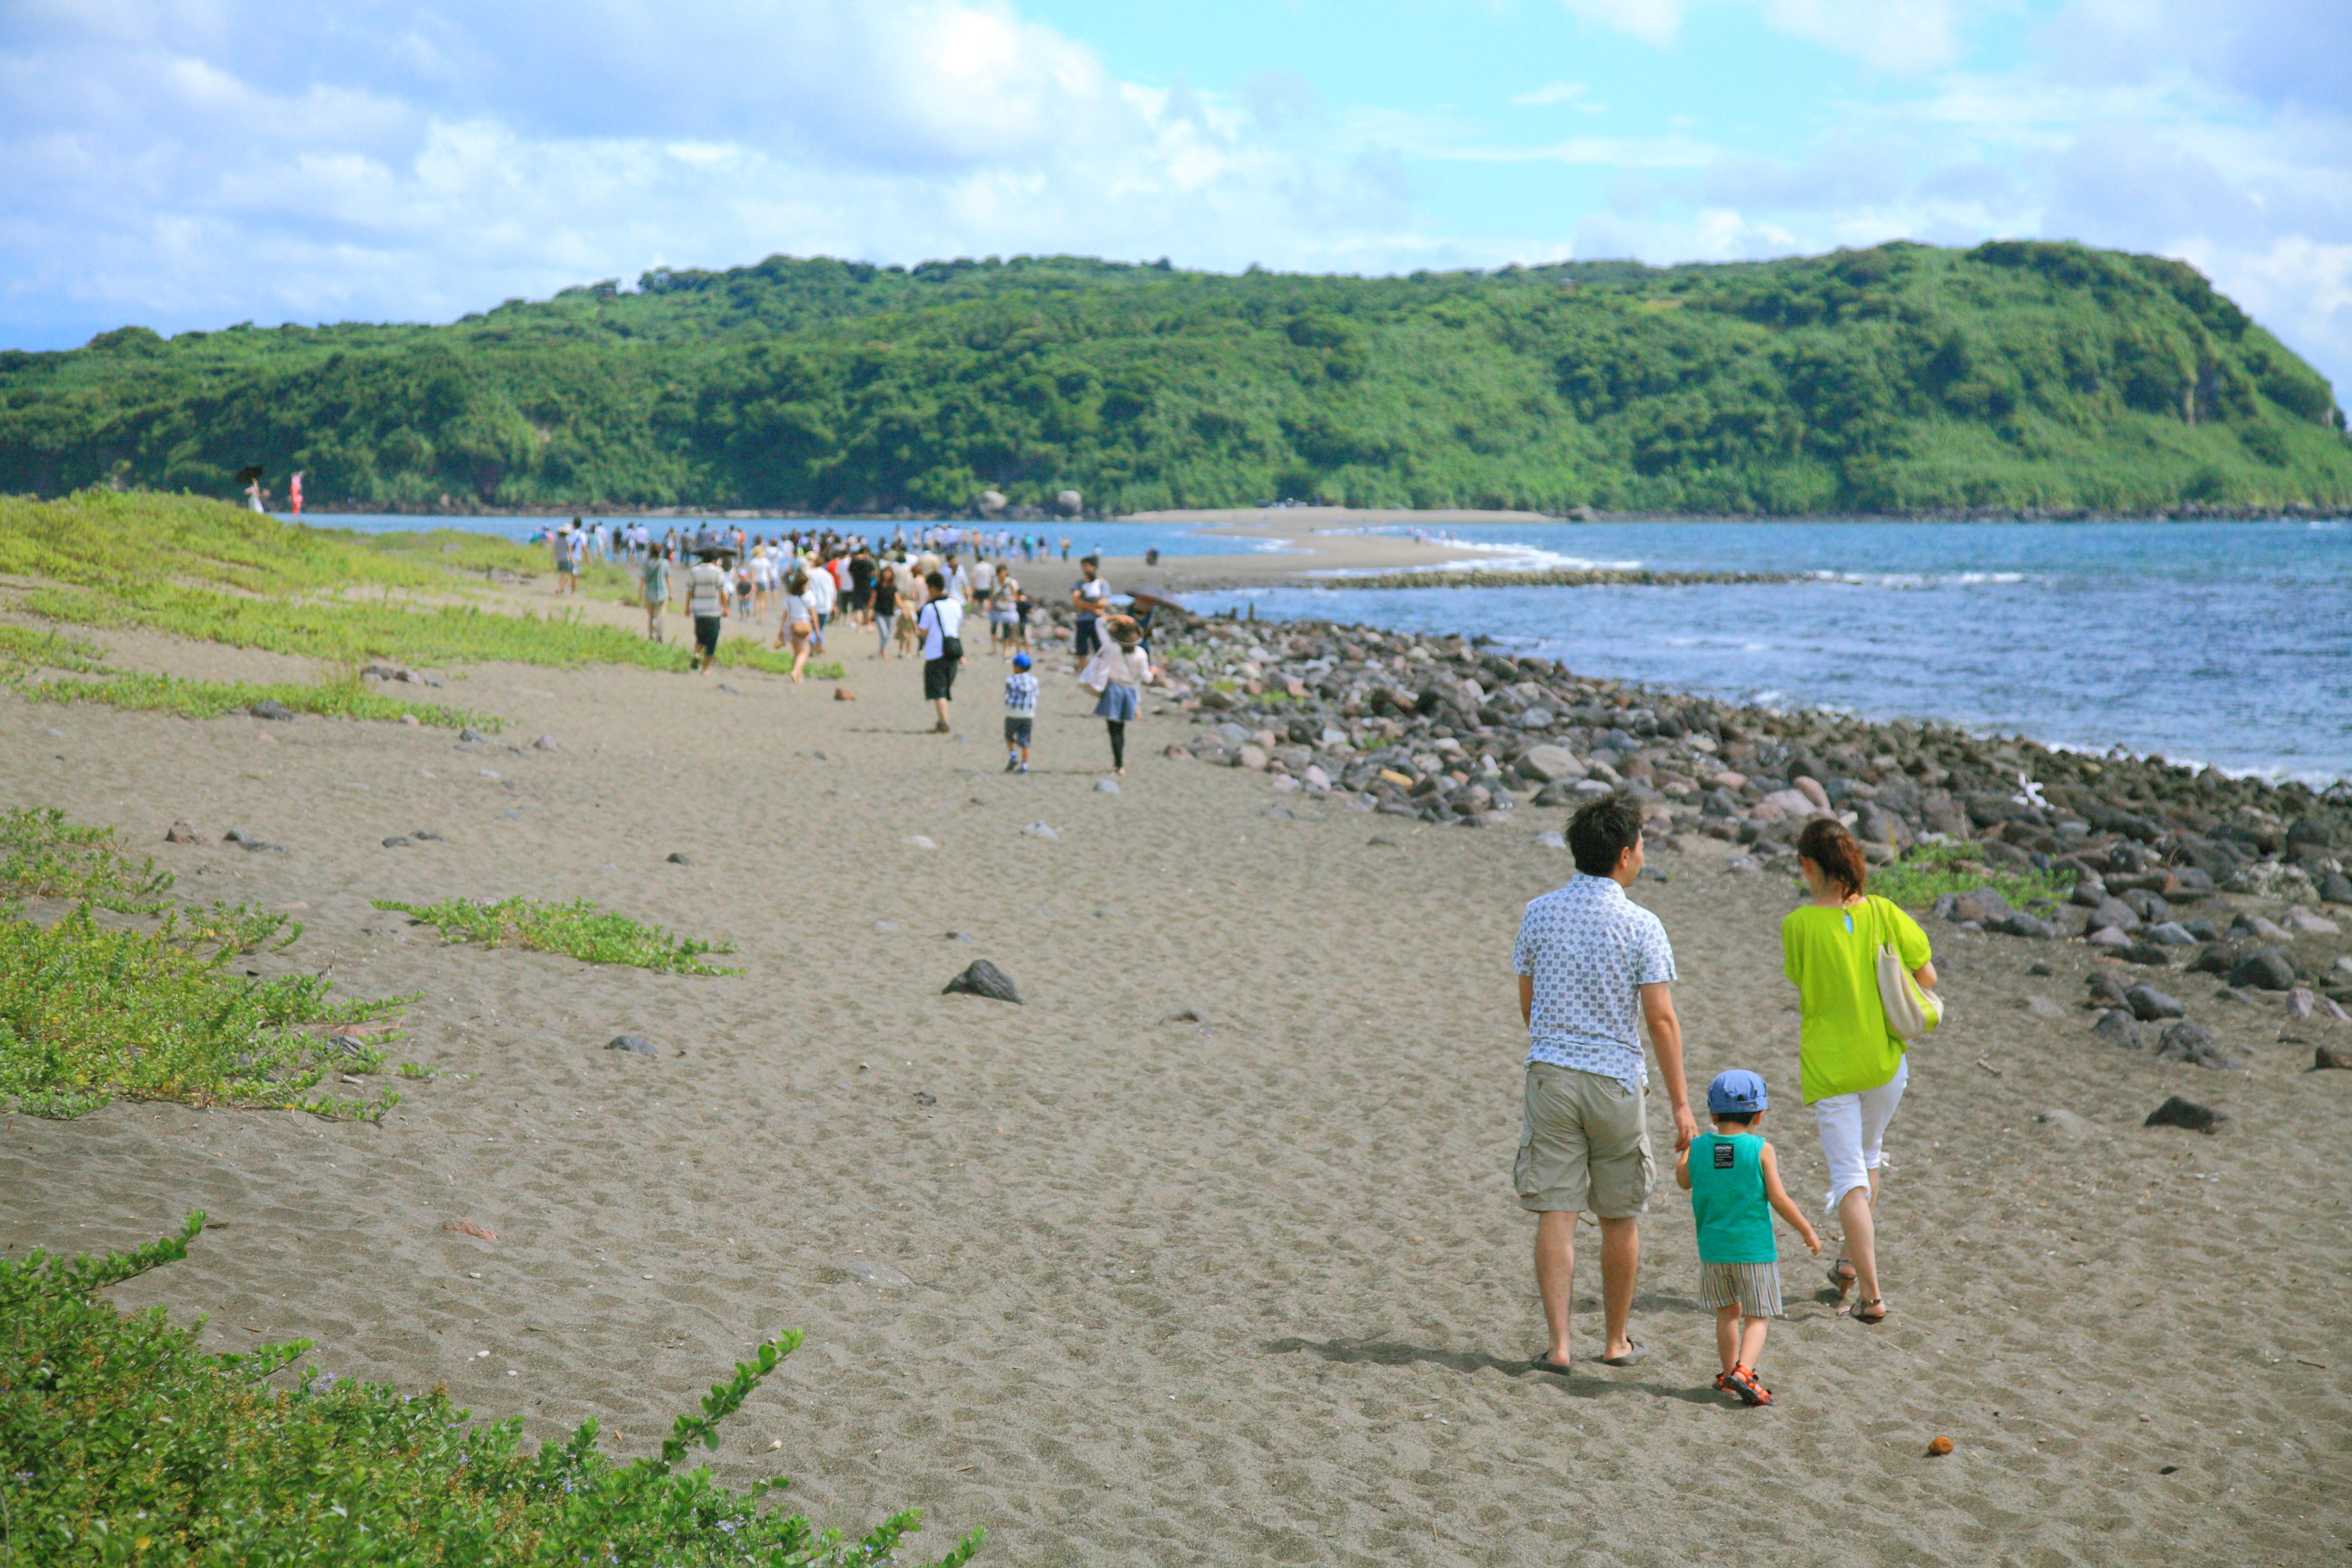 知林ヶ島(ちりんがしま)